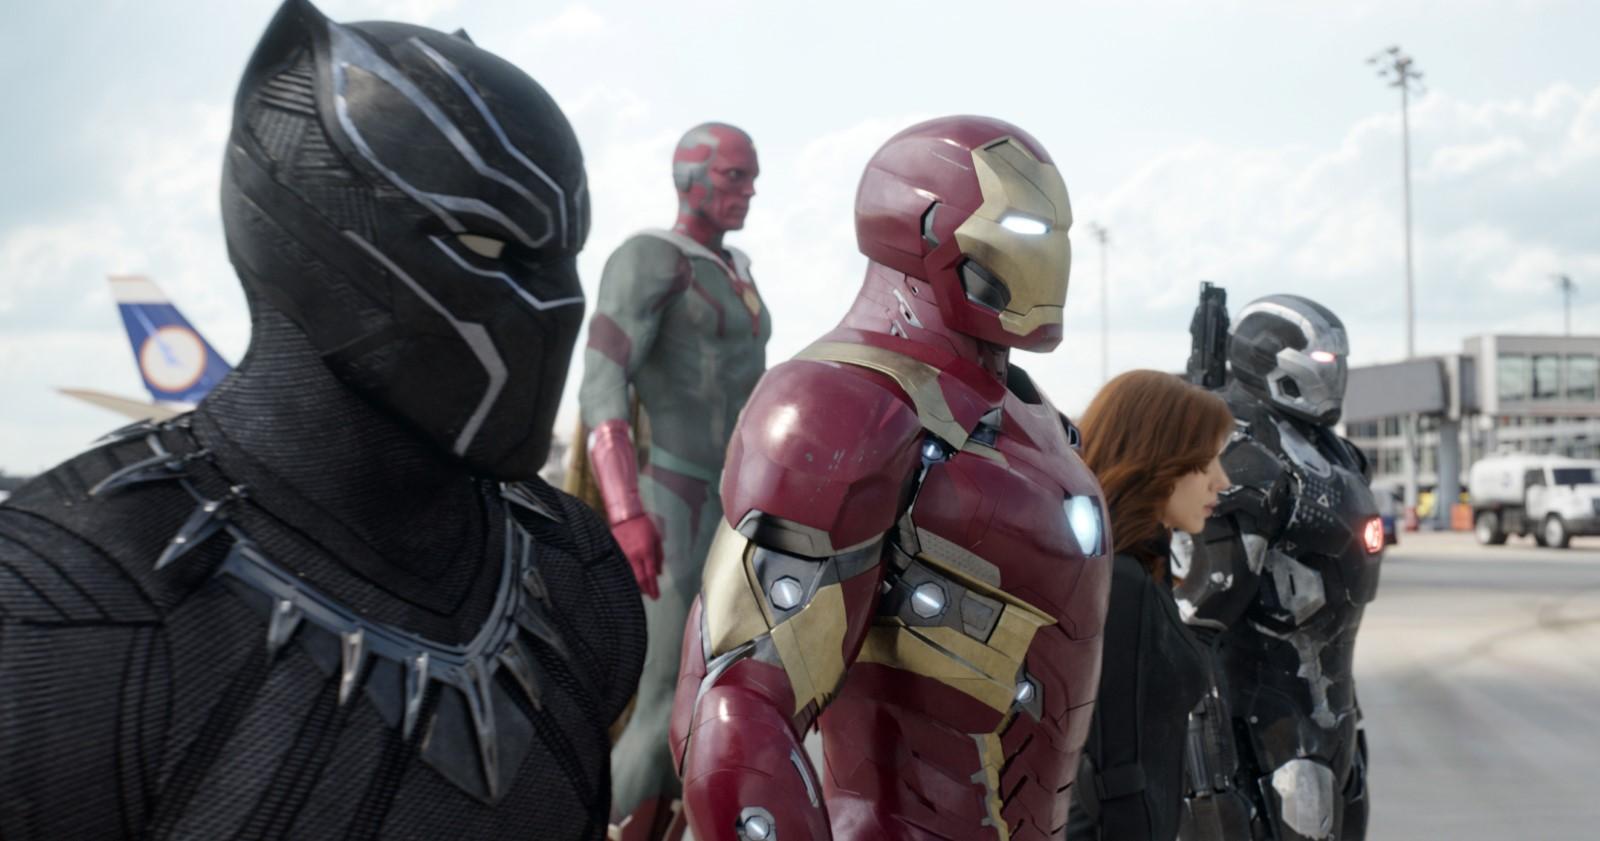 El bando de Iron Man